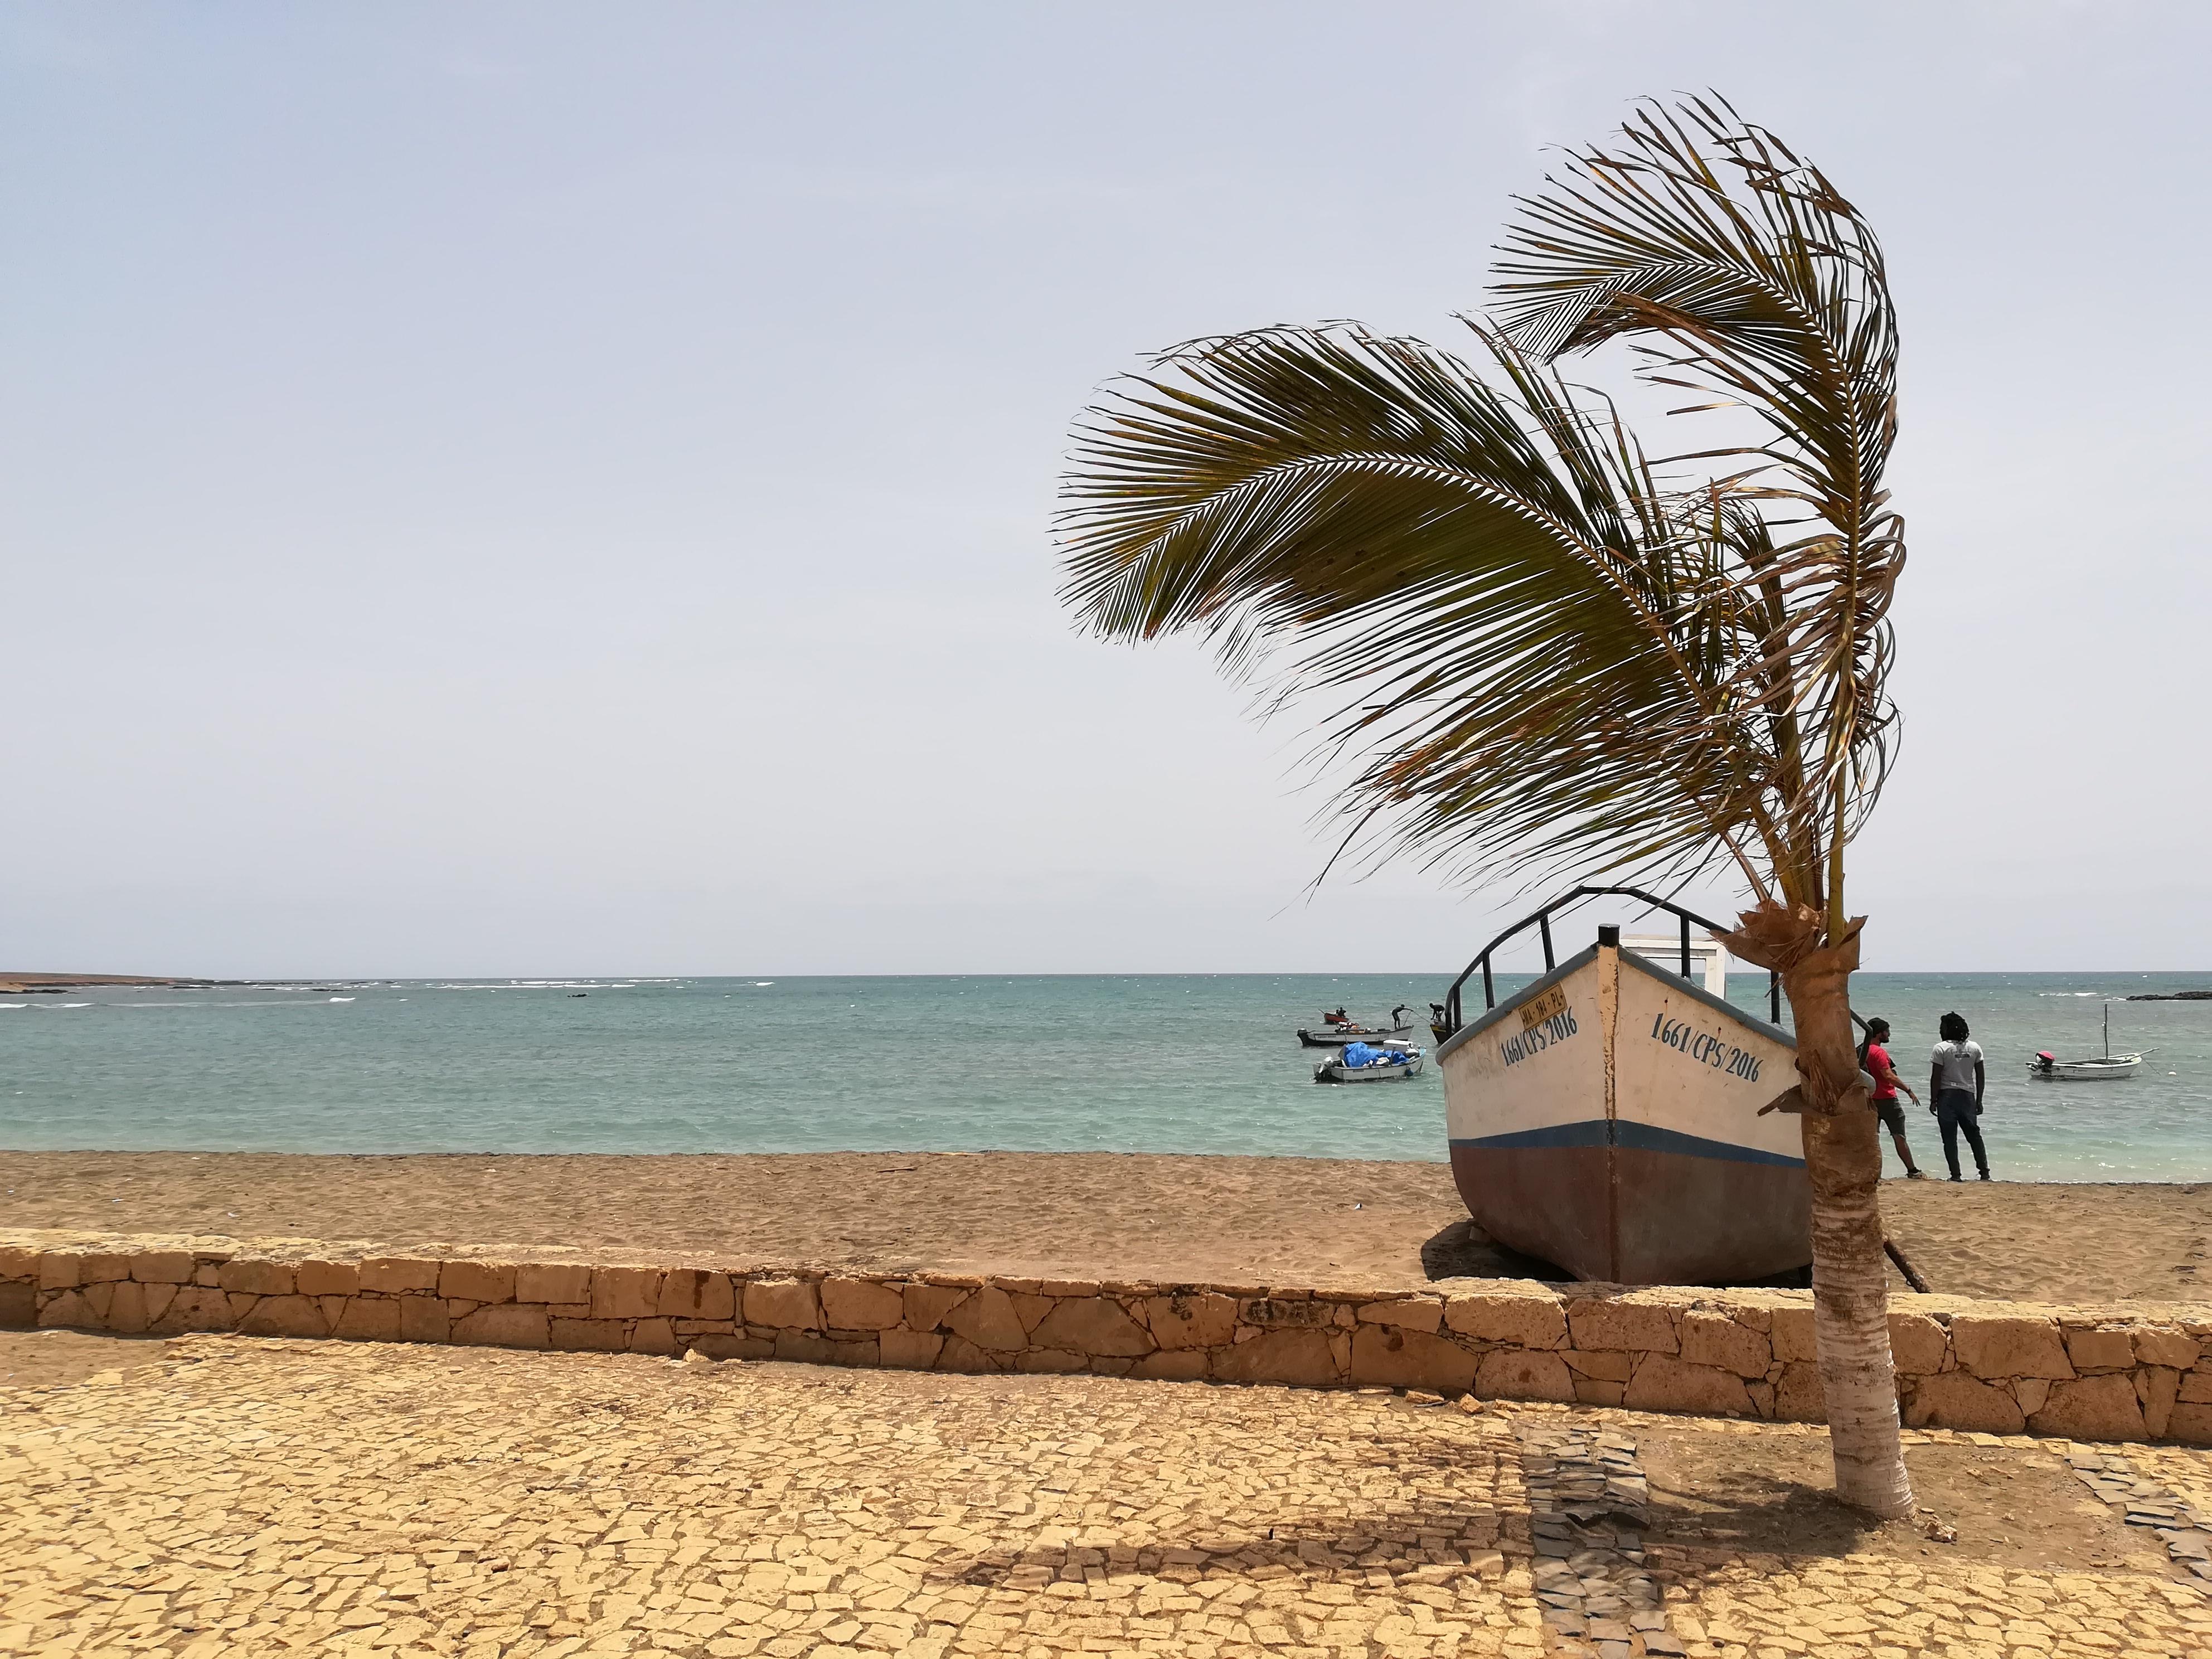 iniciativas de turismo sustent u00e1vel ganham espa u00e7o na ilha do maio